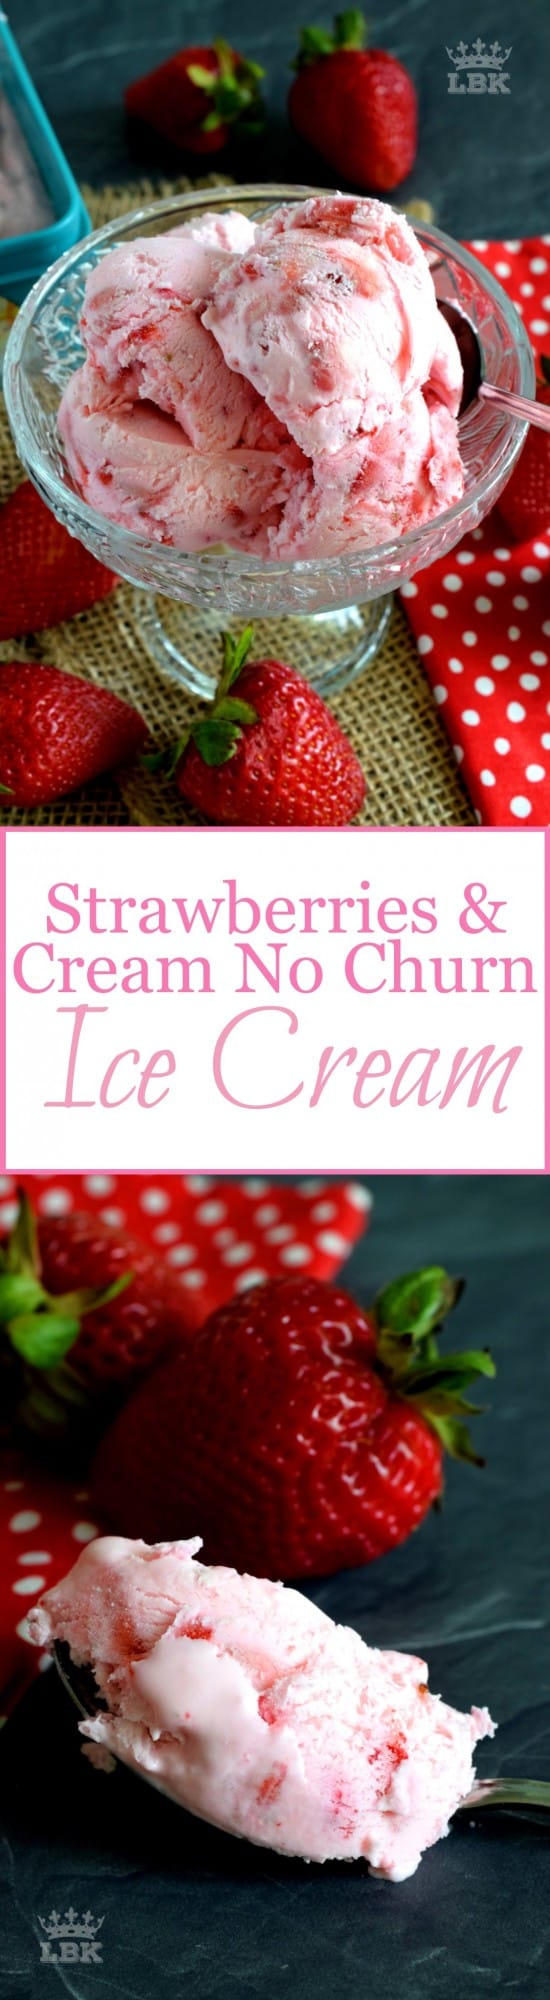 Strawberries and Cream No Churn Ice Cream